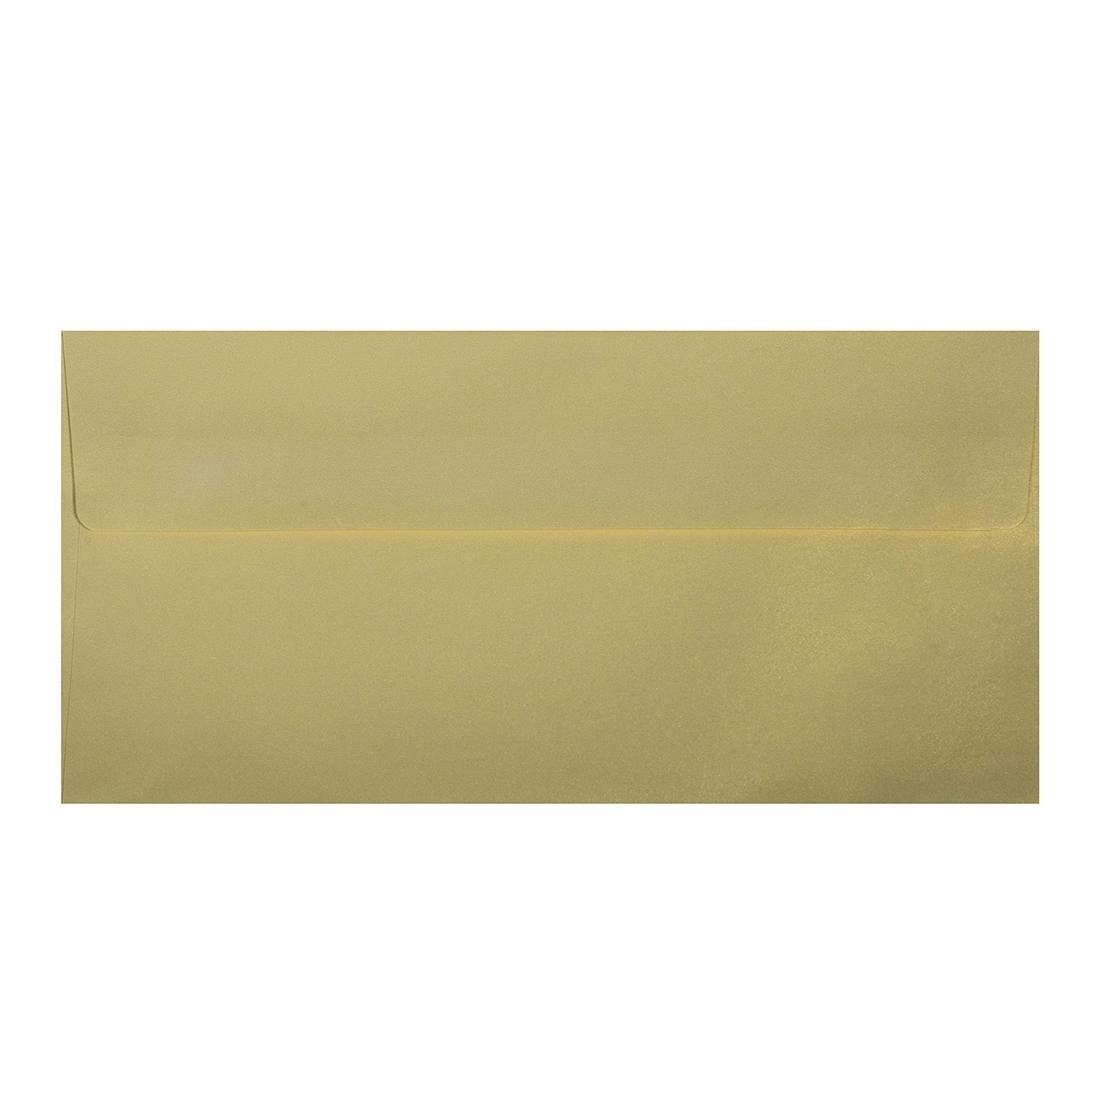 Wysokiej jakości koperty ozdobne - O.Koperta DL - PERŁA - 120 g/m² - kość słoniowa - 10 sztuk